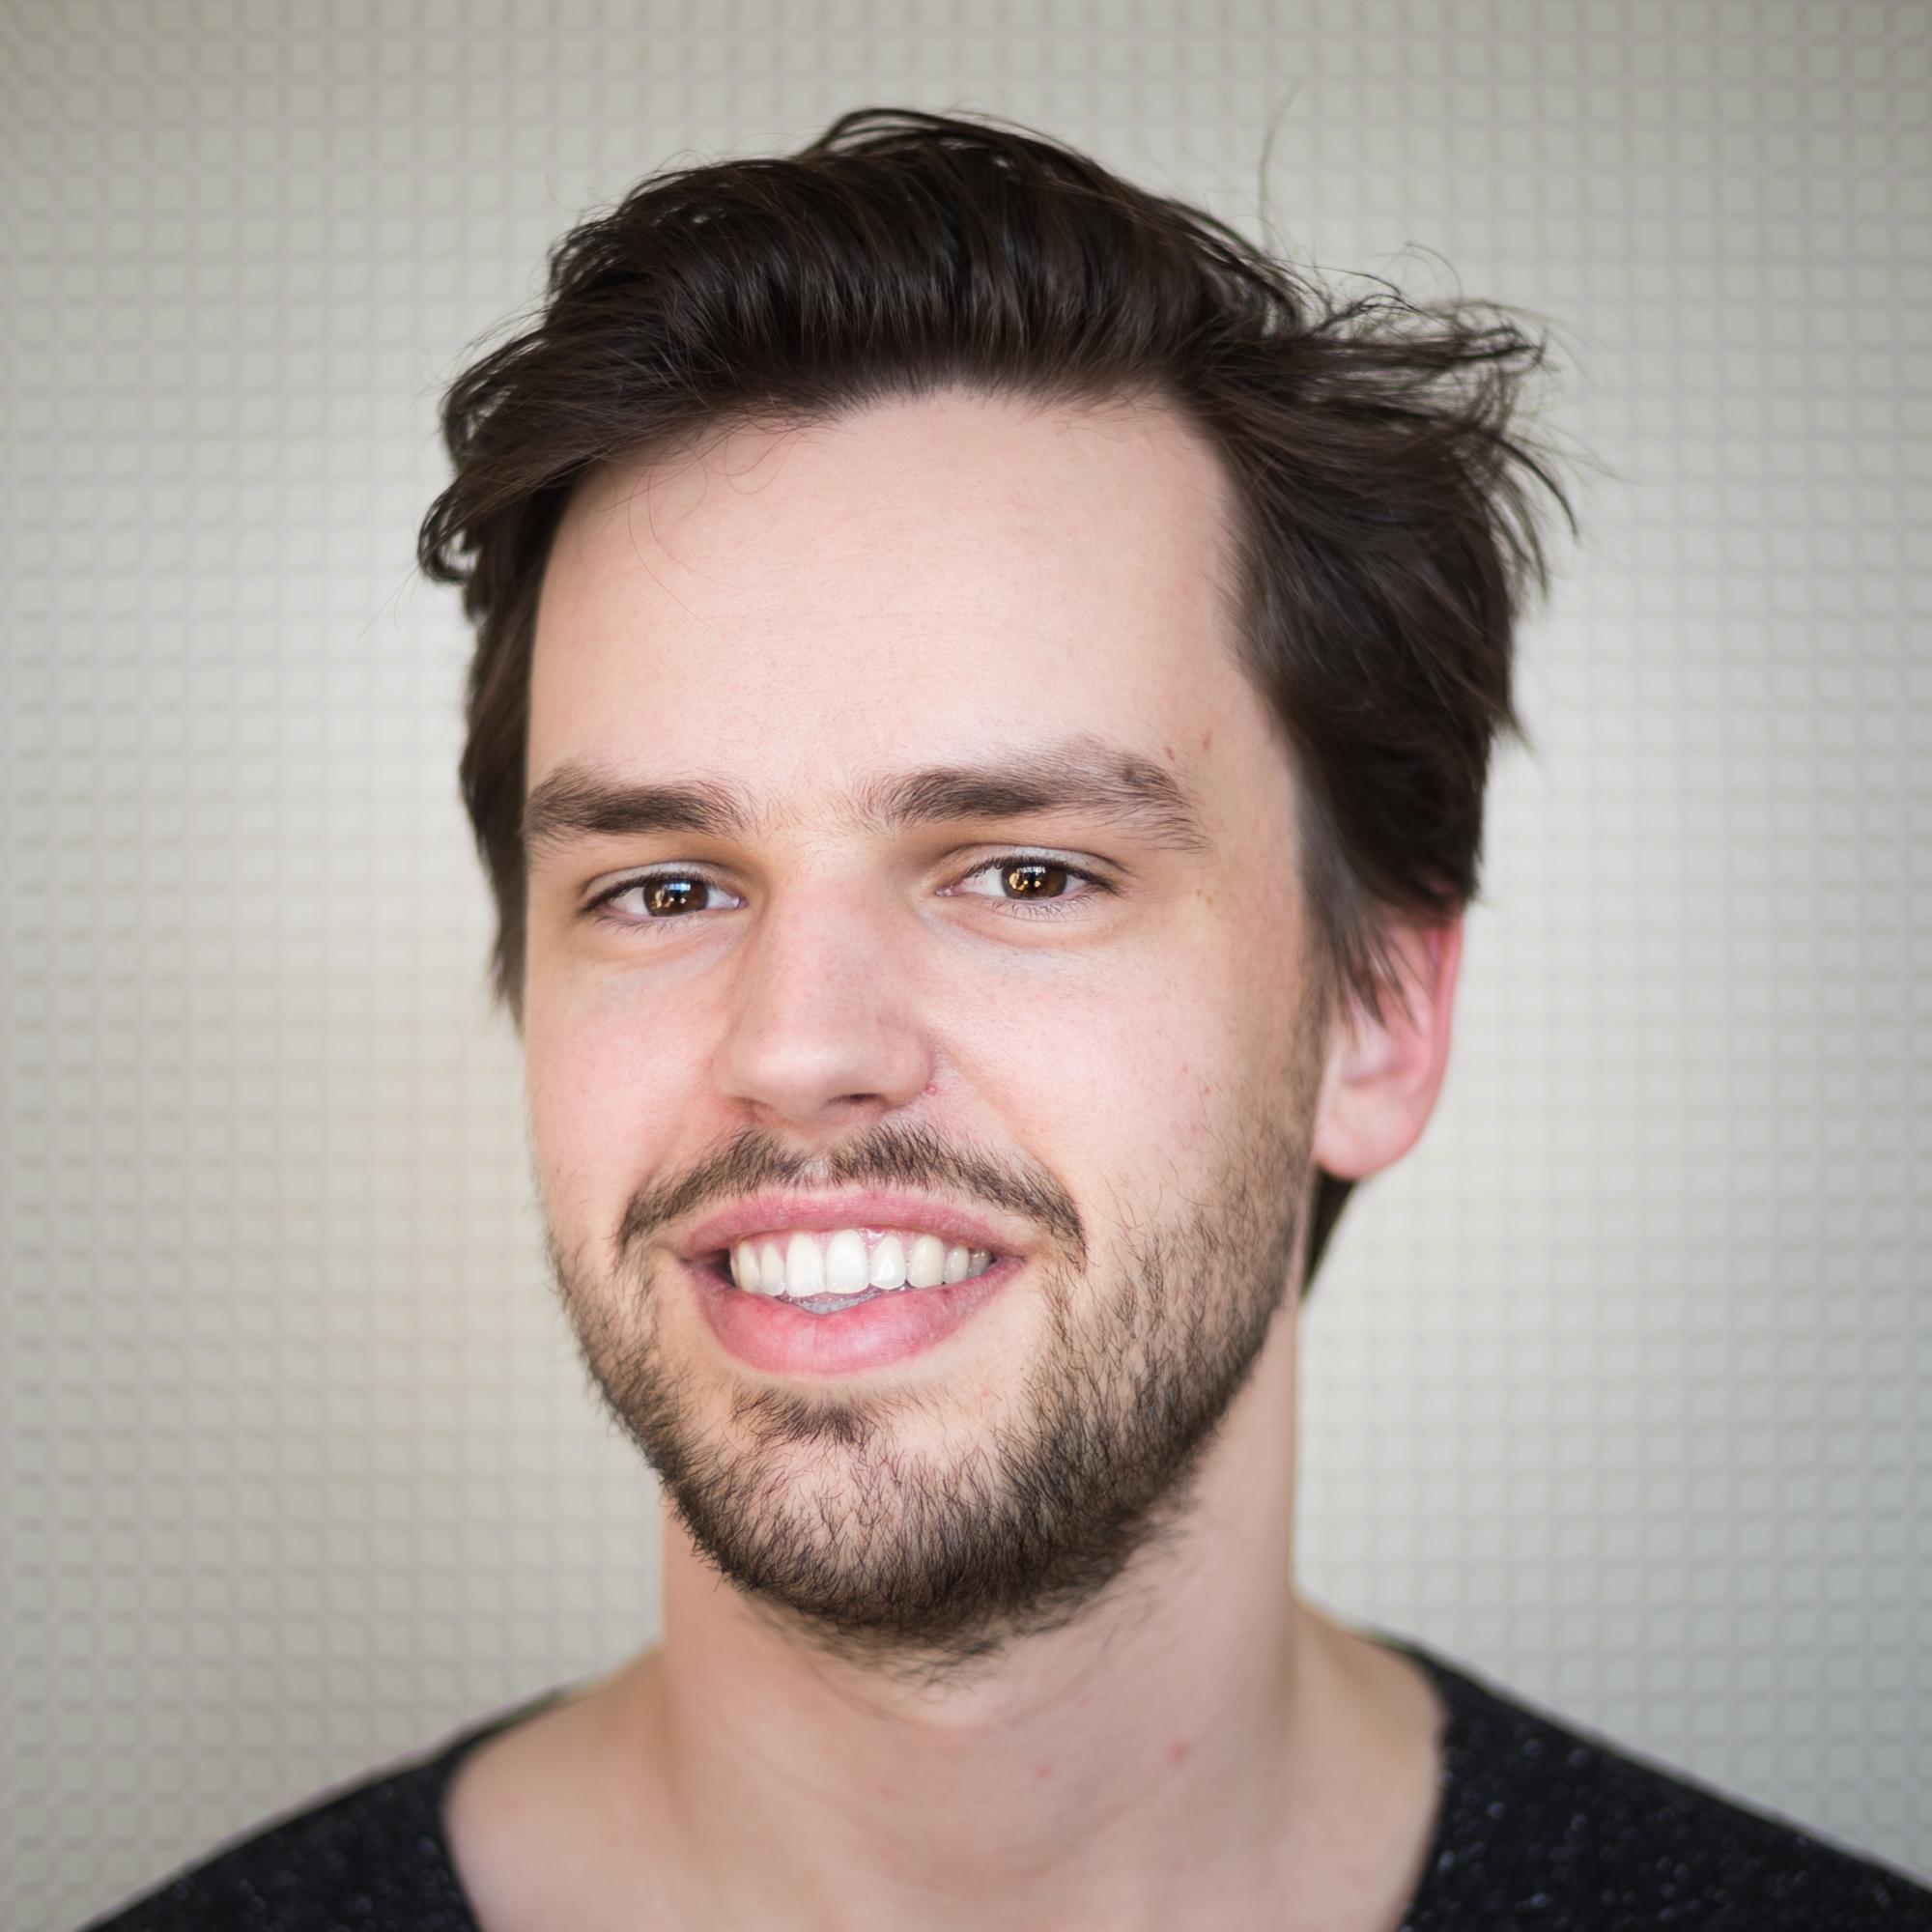 Erik, editor